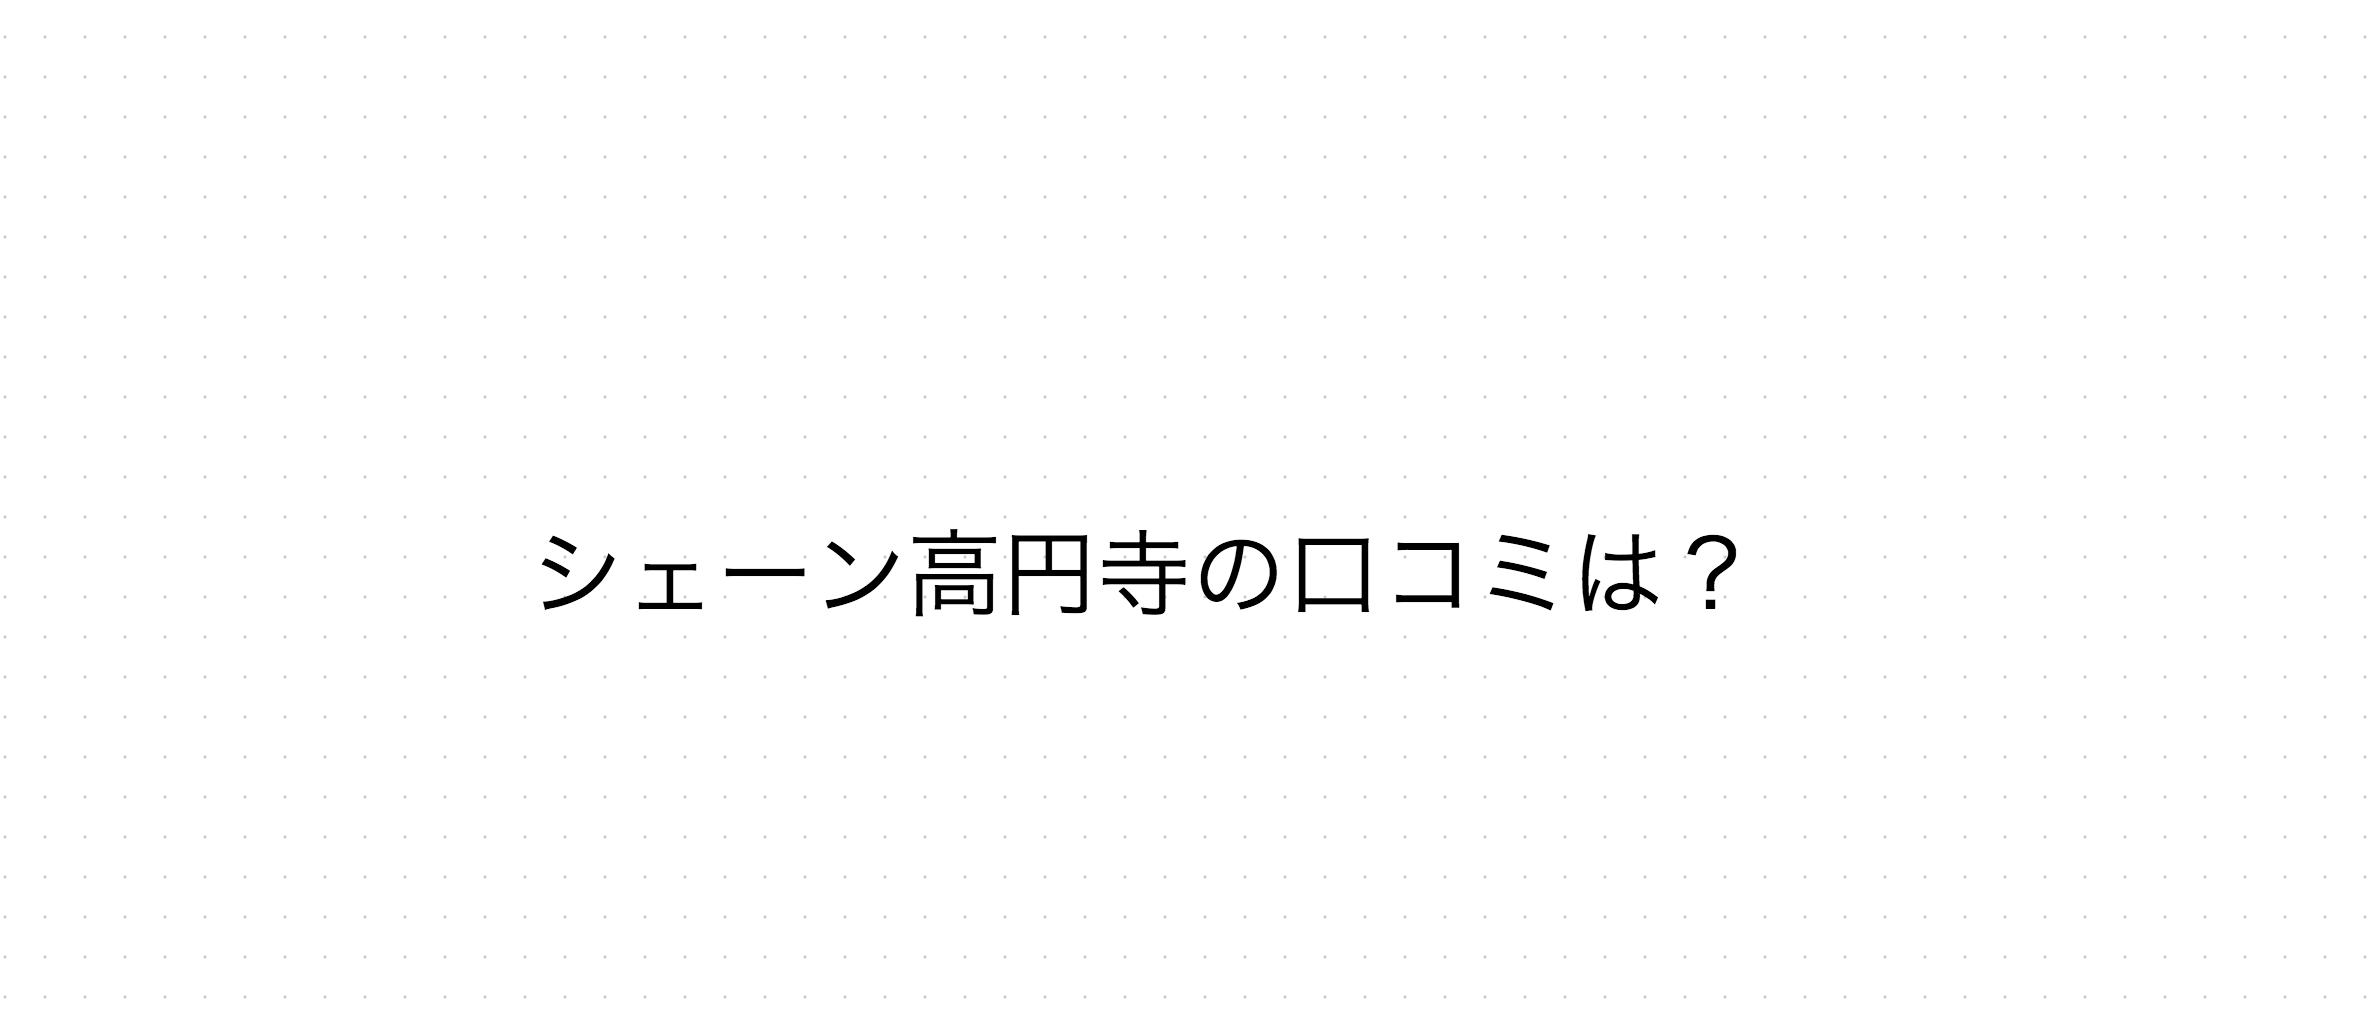 シェーン英会話高円寺の口コミや評判は?